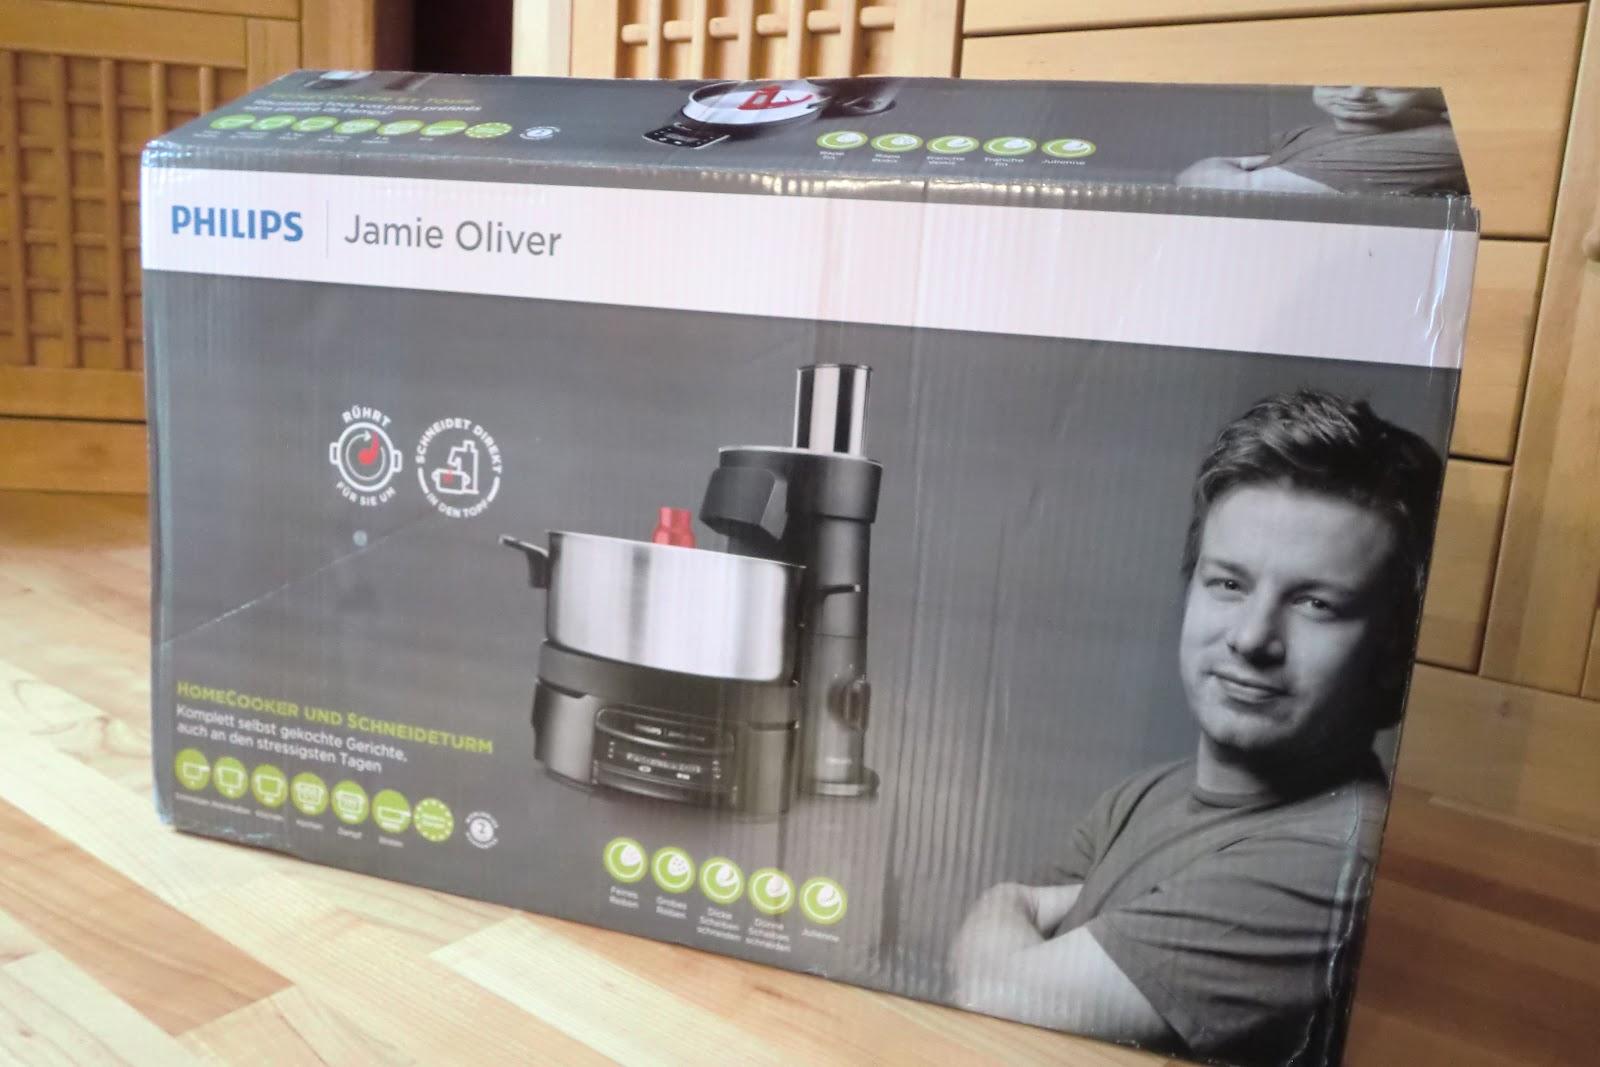 Jamie Oliver Küchenmaschine 2021